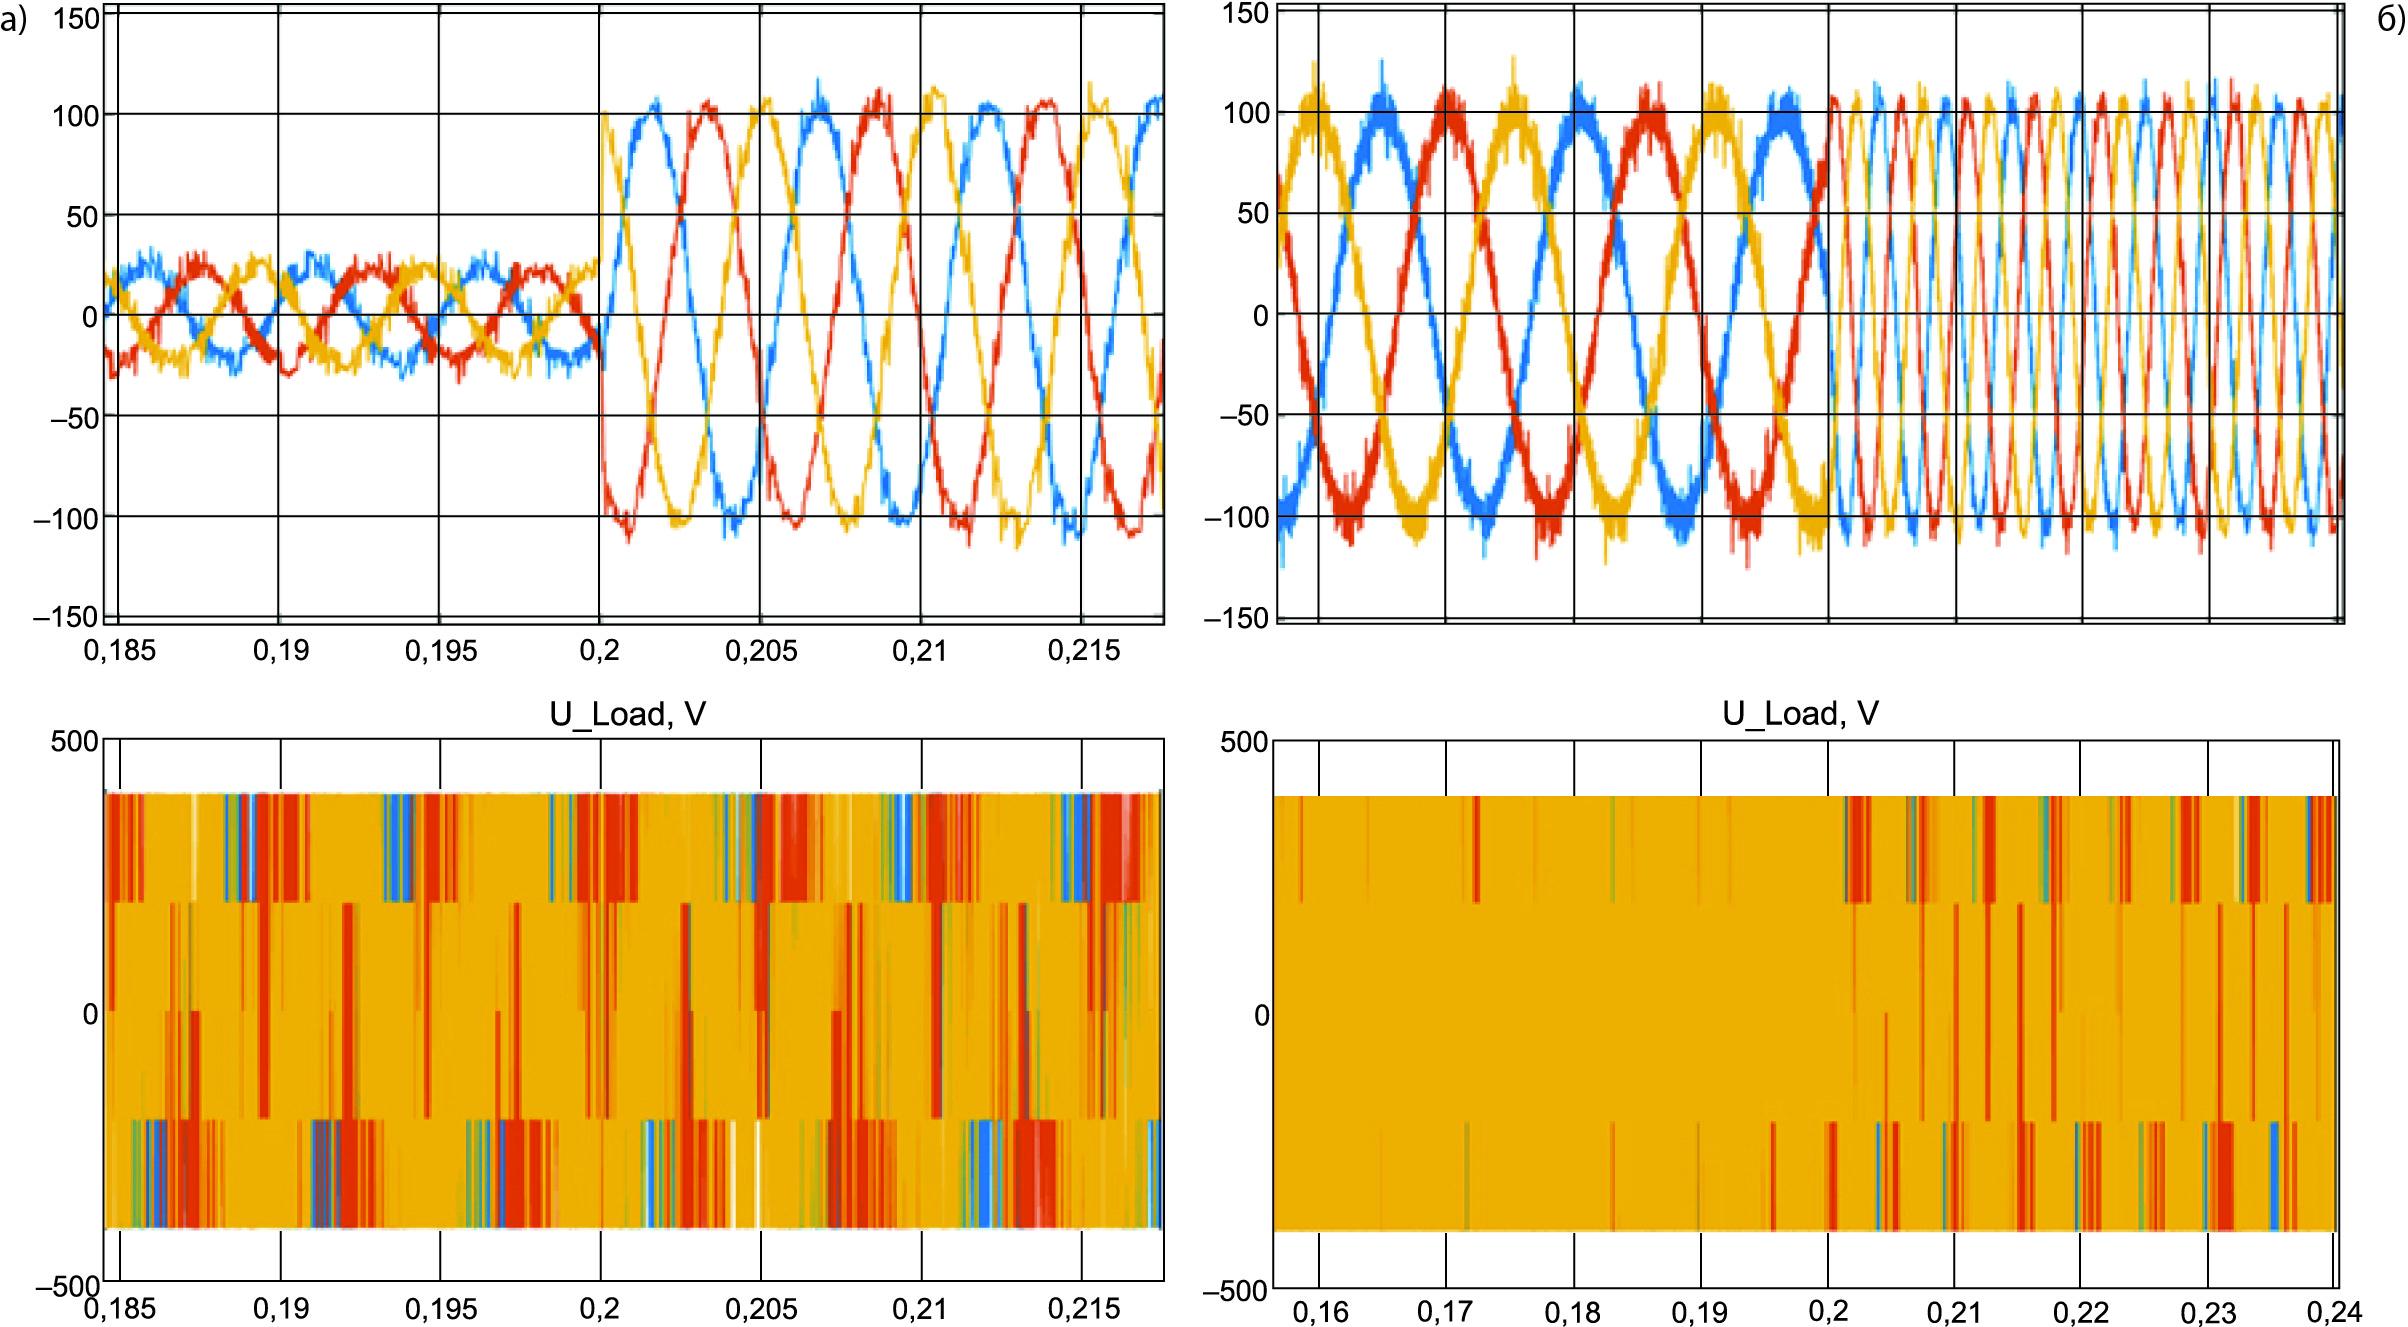 Электромагнитные процессы в генераторной установке с СММ-АВ при управлении по одной координате